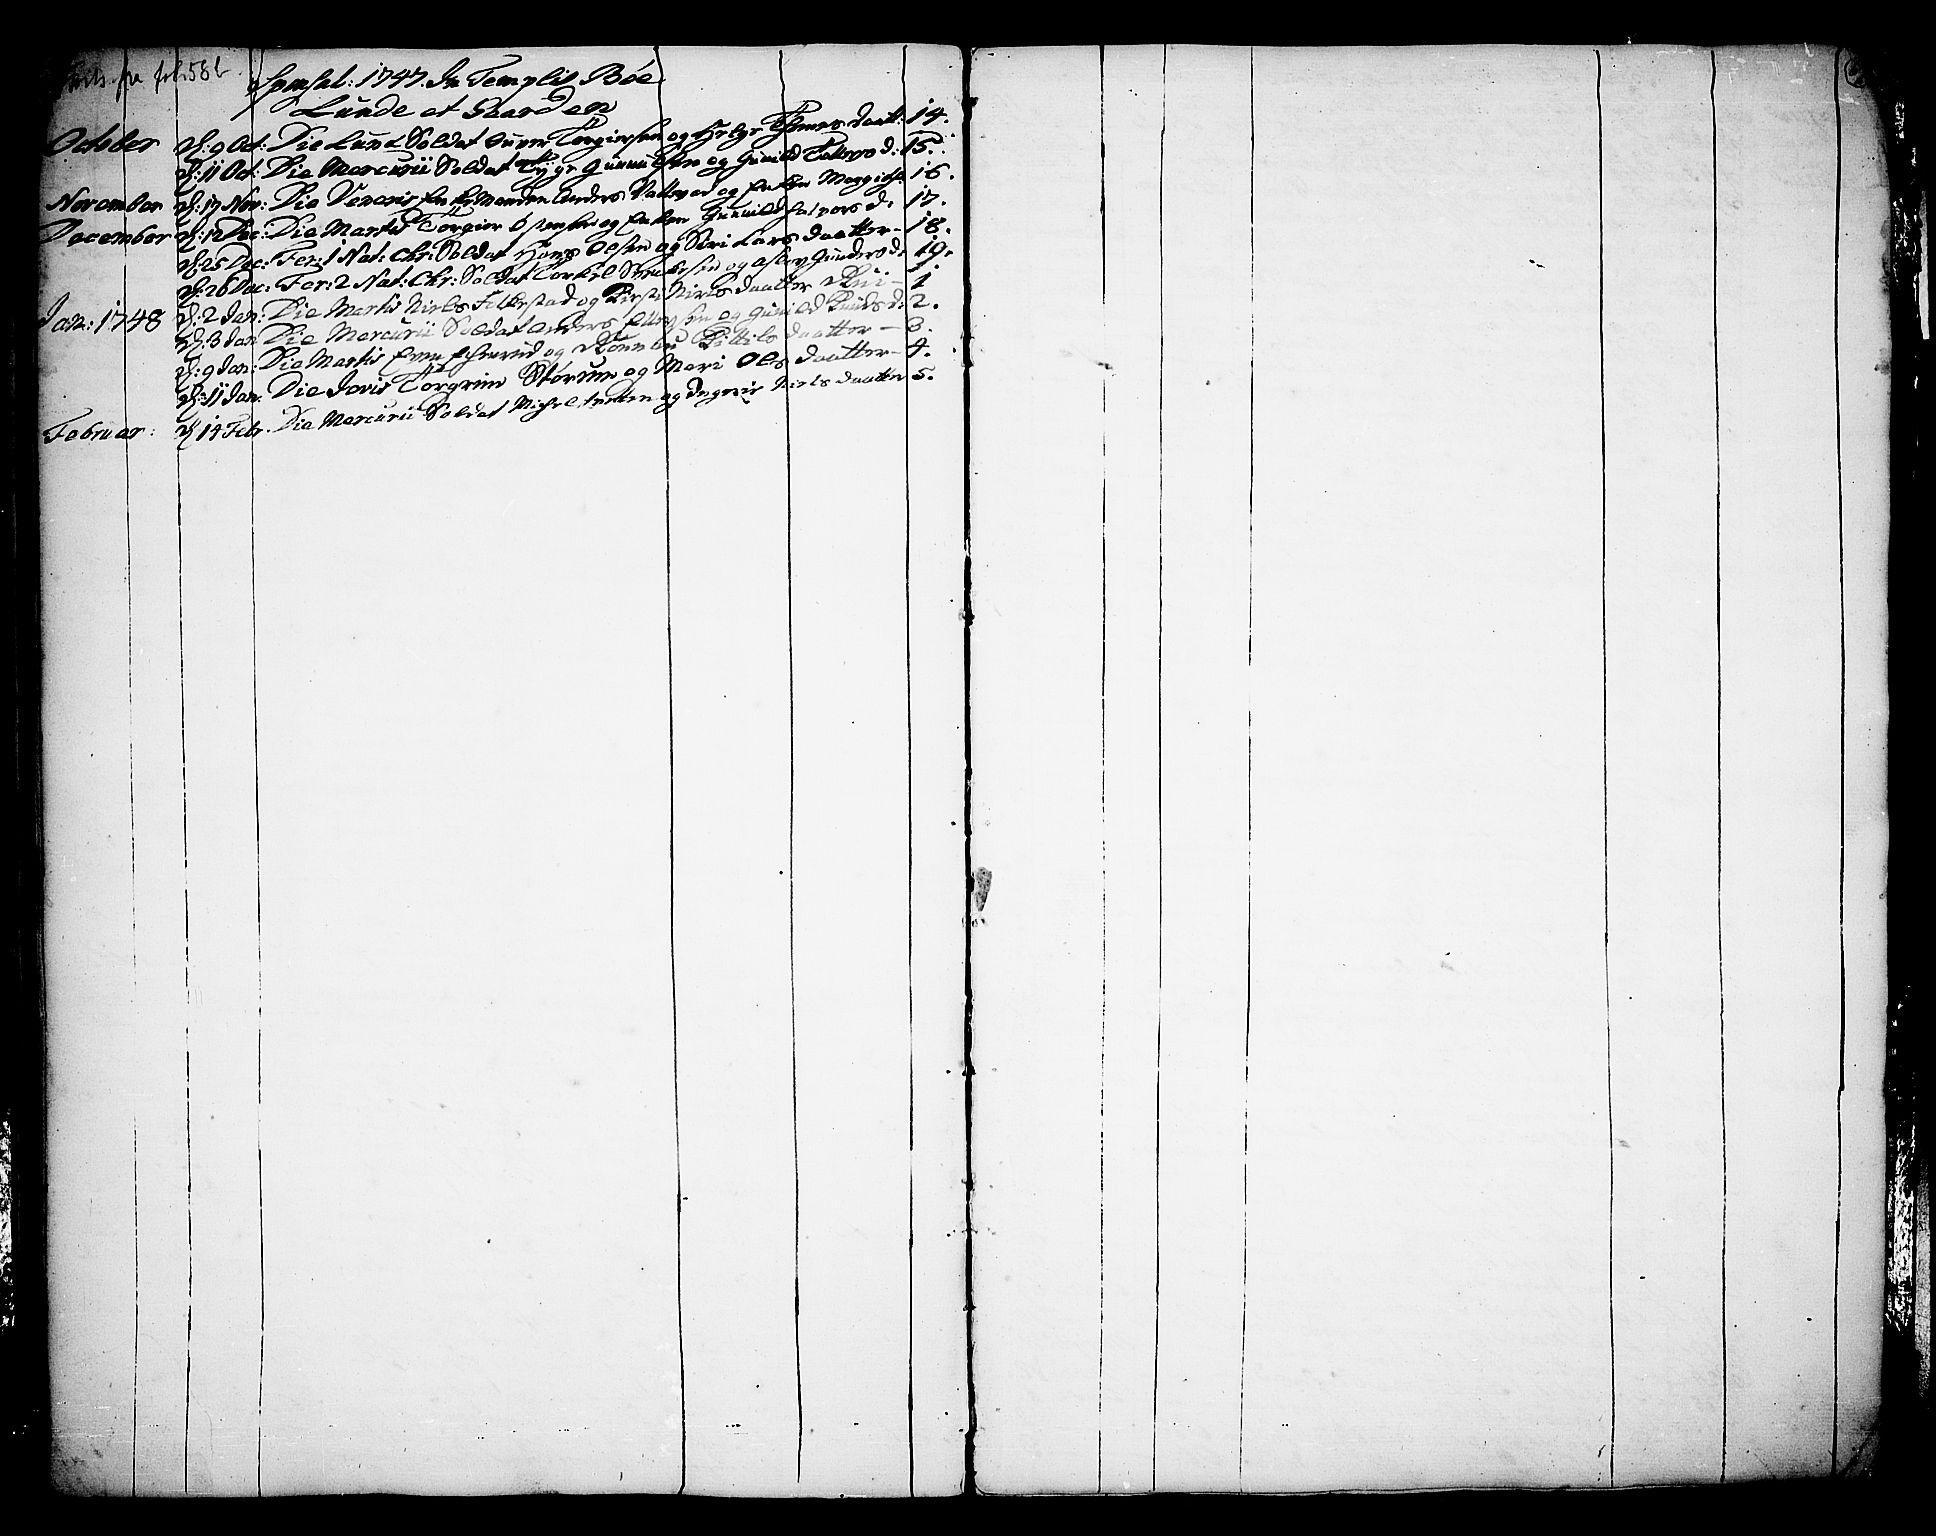 SAKO, Bø kirkebøker, F/Fa/L0003: Ministerialbok nr. 3, 1733-1748, s. 61